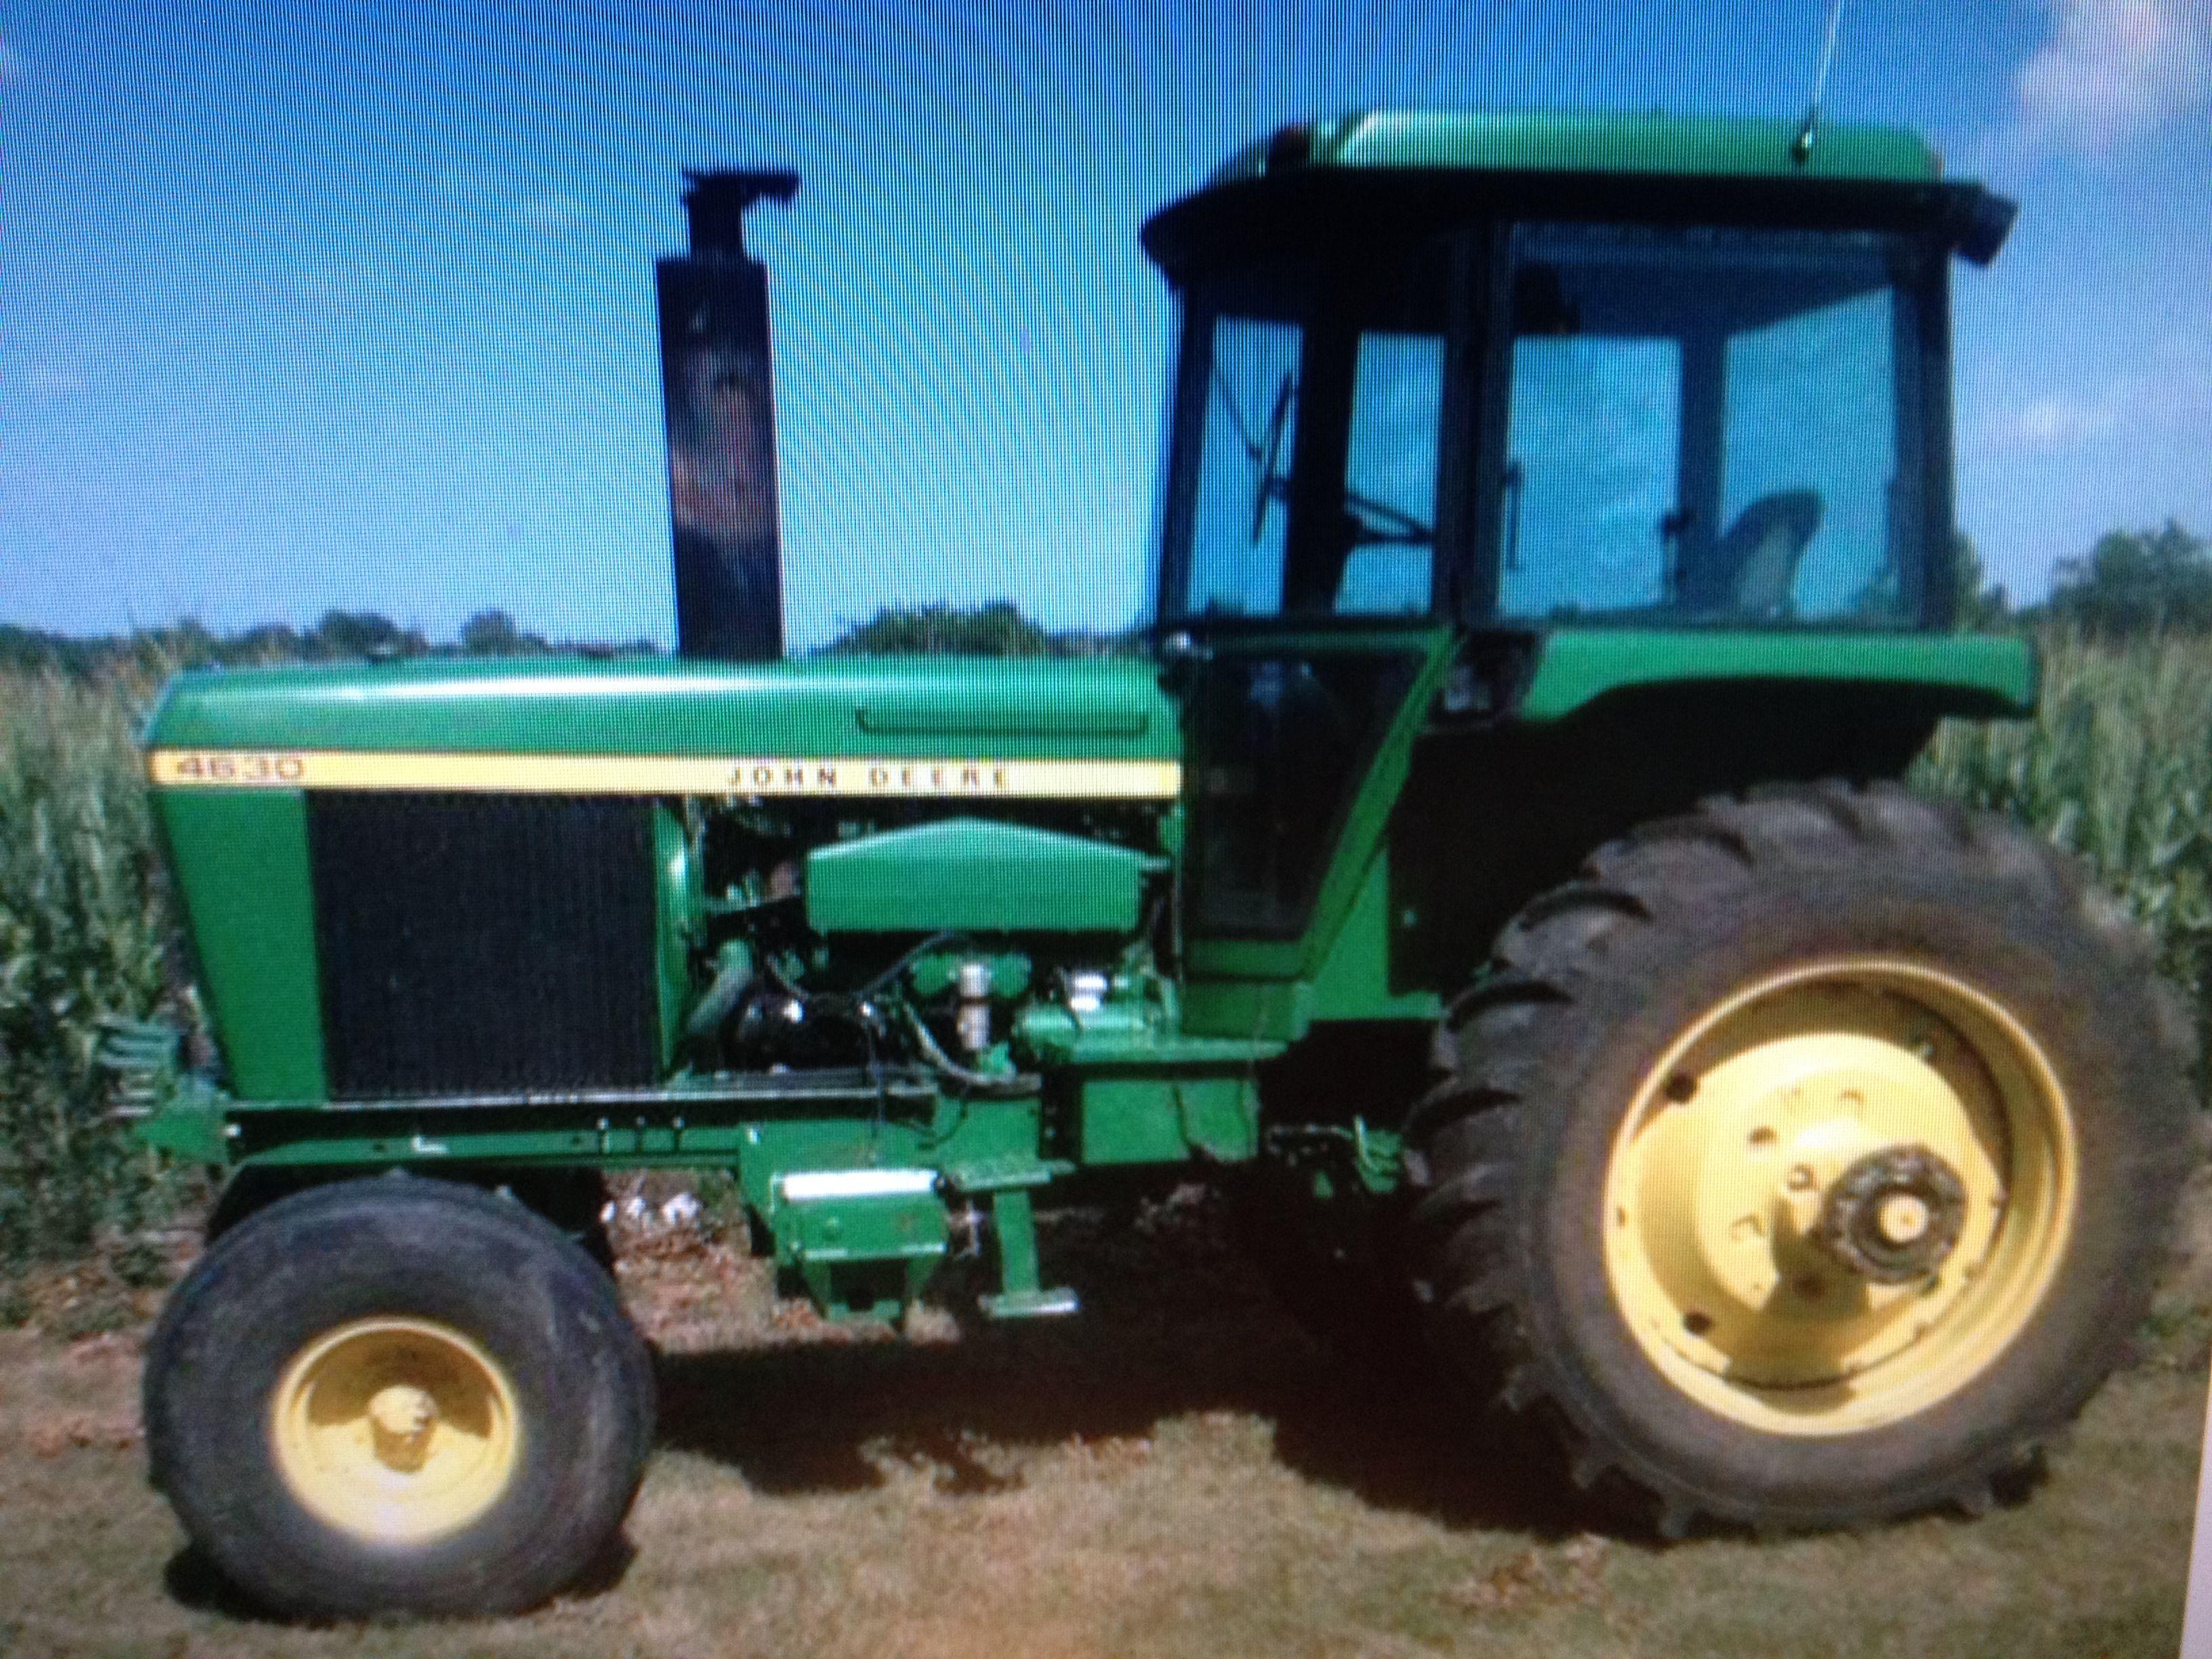 Our John Deere 4630